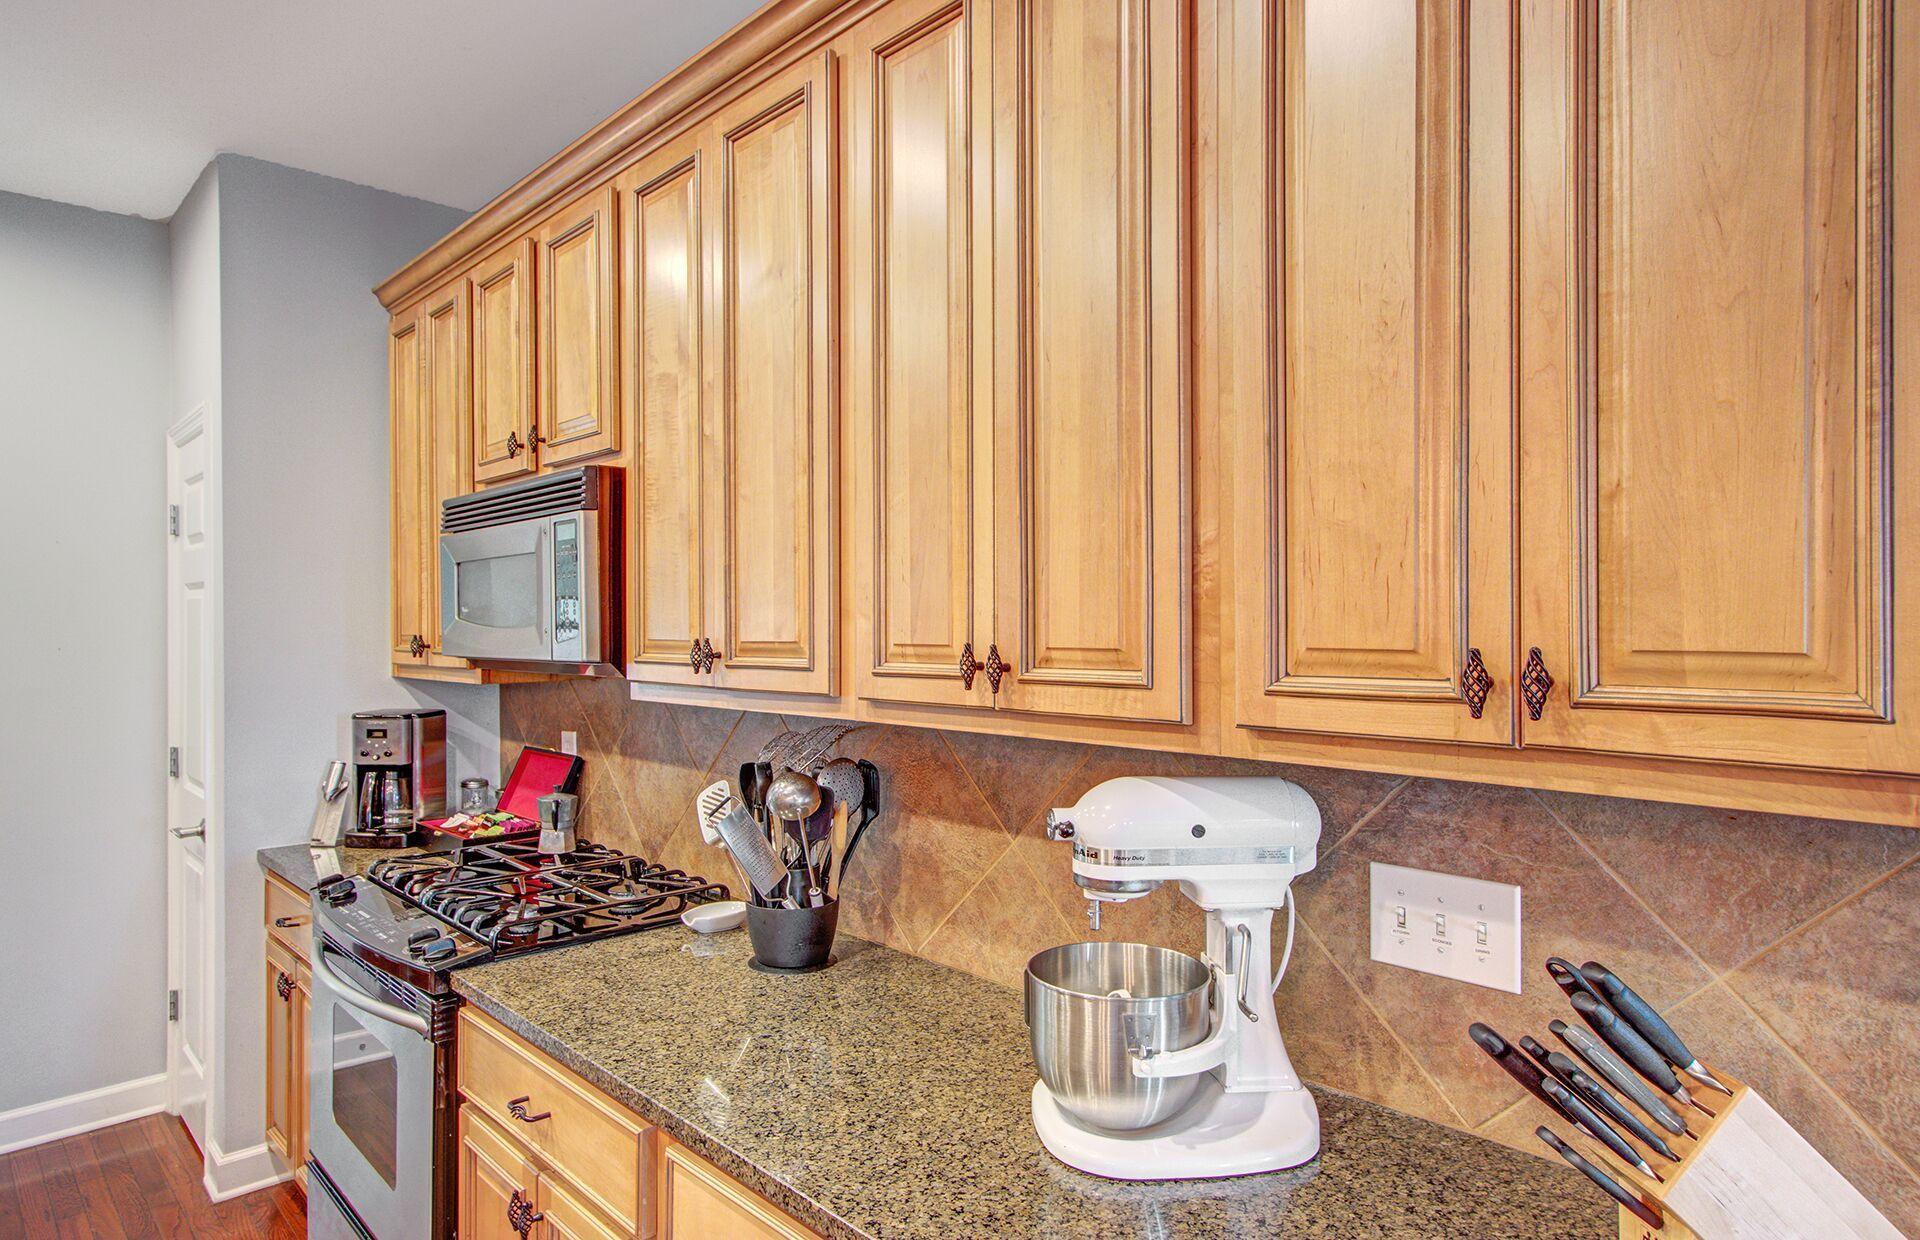 Dunes West Homes For Sale - 100 Fair Sailing, Mount Pleasant, SC - 13